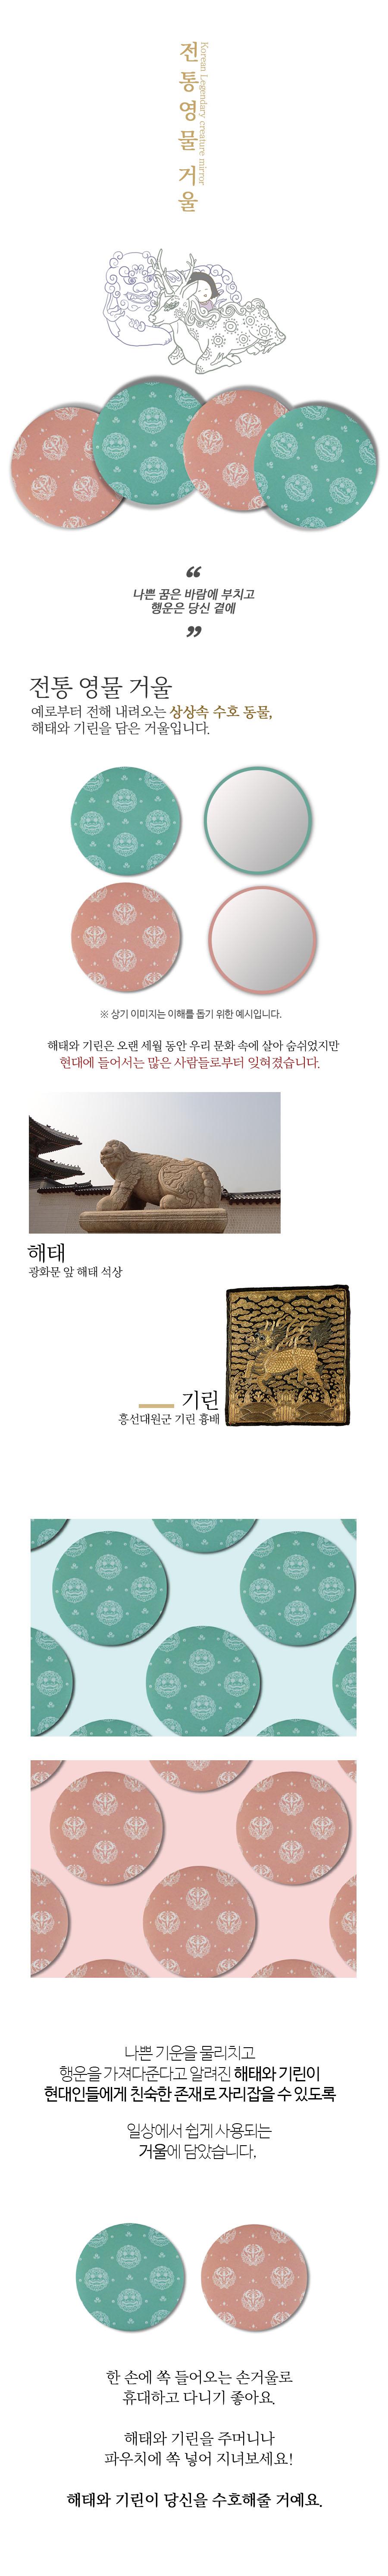 전통 영물 거울 - 온고, 3,500원, 도구, 거울